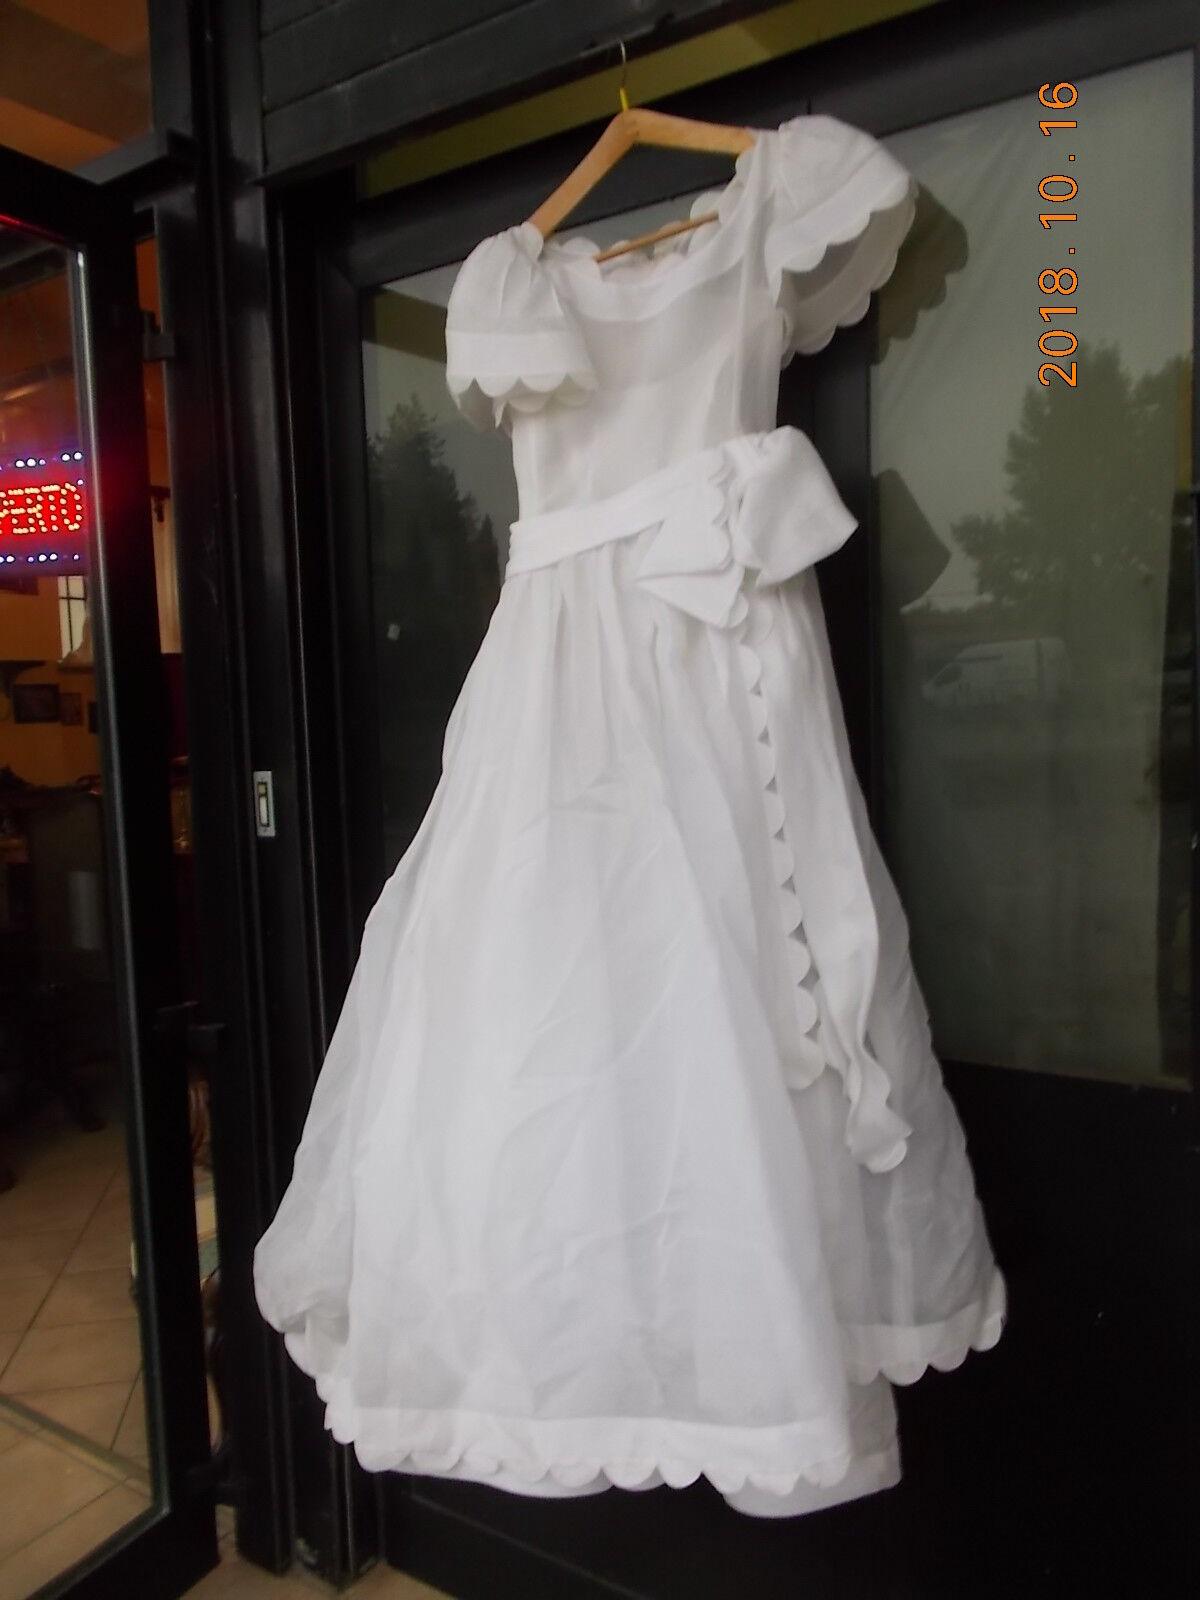 Vestiti Da Sposa Primi 900.Antico Vestito Da Sposa Abito Raro Primi 900 Ebay